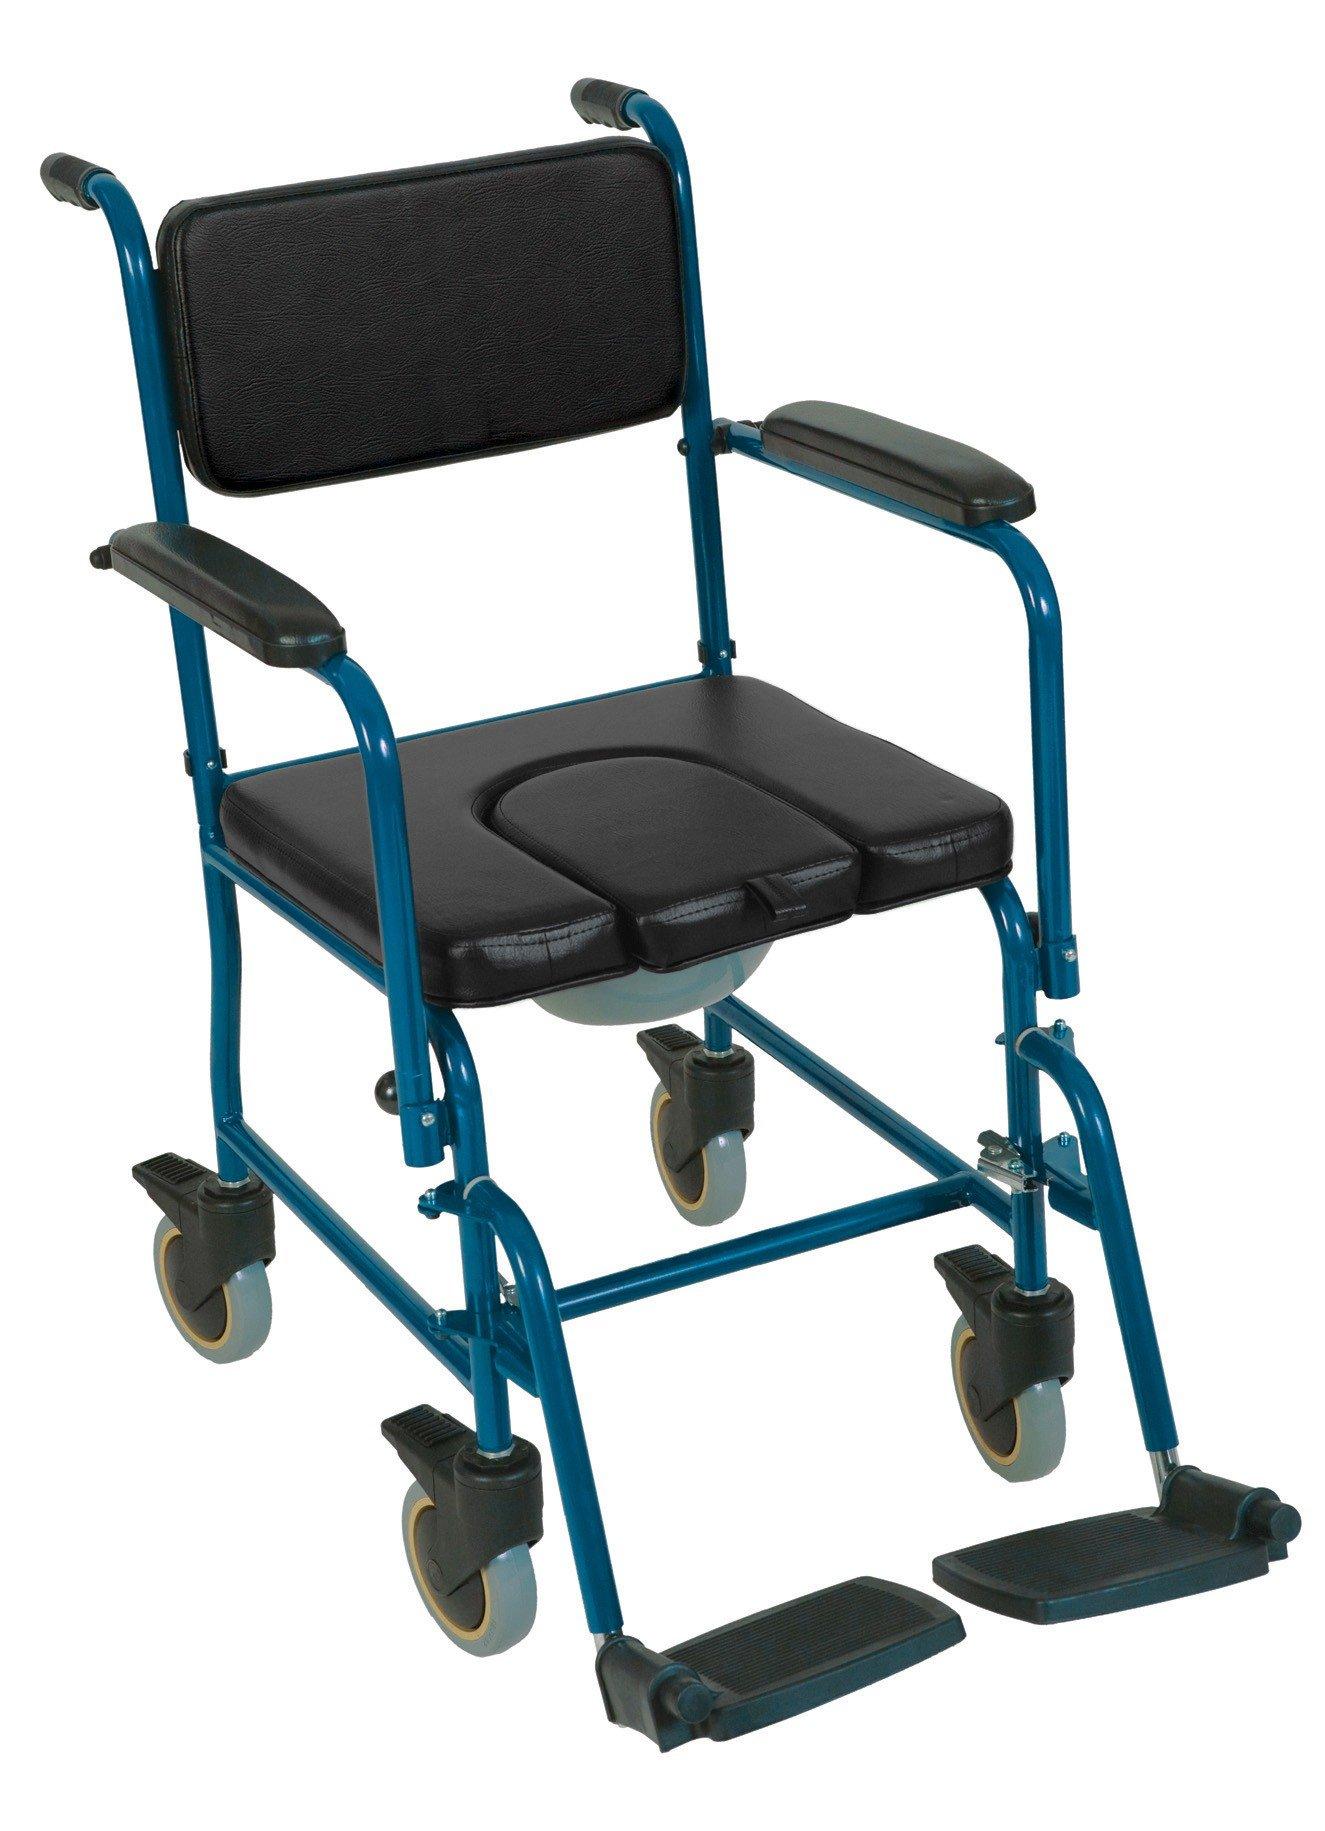 Sedia comoda con ruote e maniglia di spinta